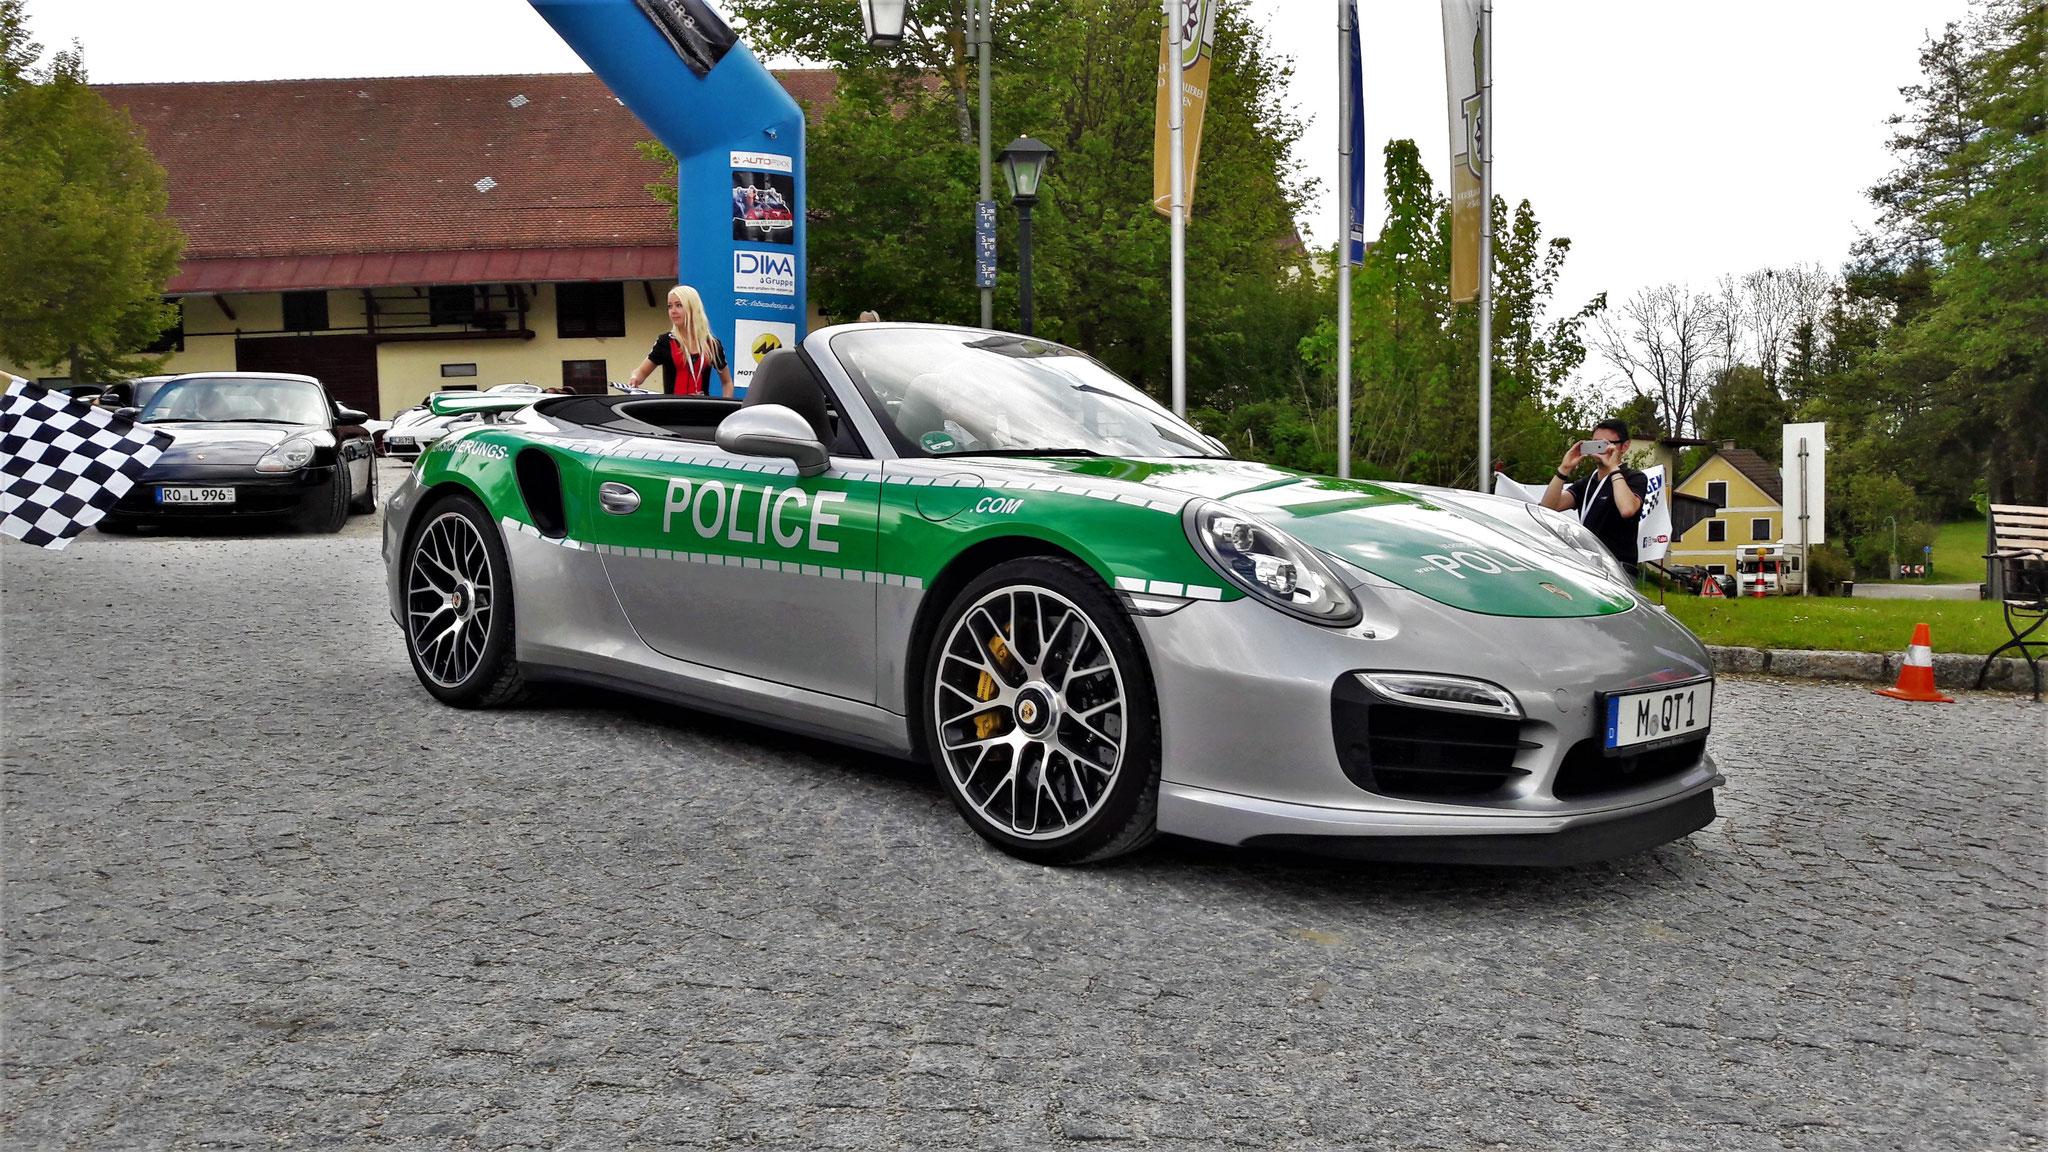 Porsche 911 Turbo S - M-QT-1